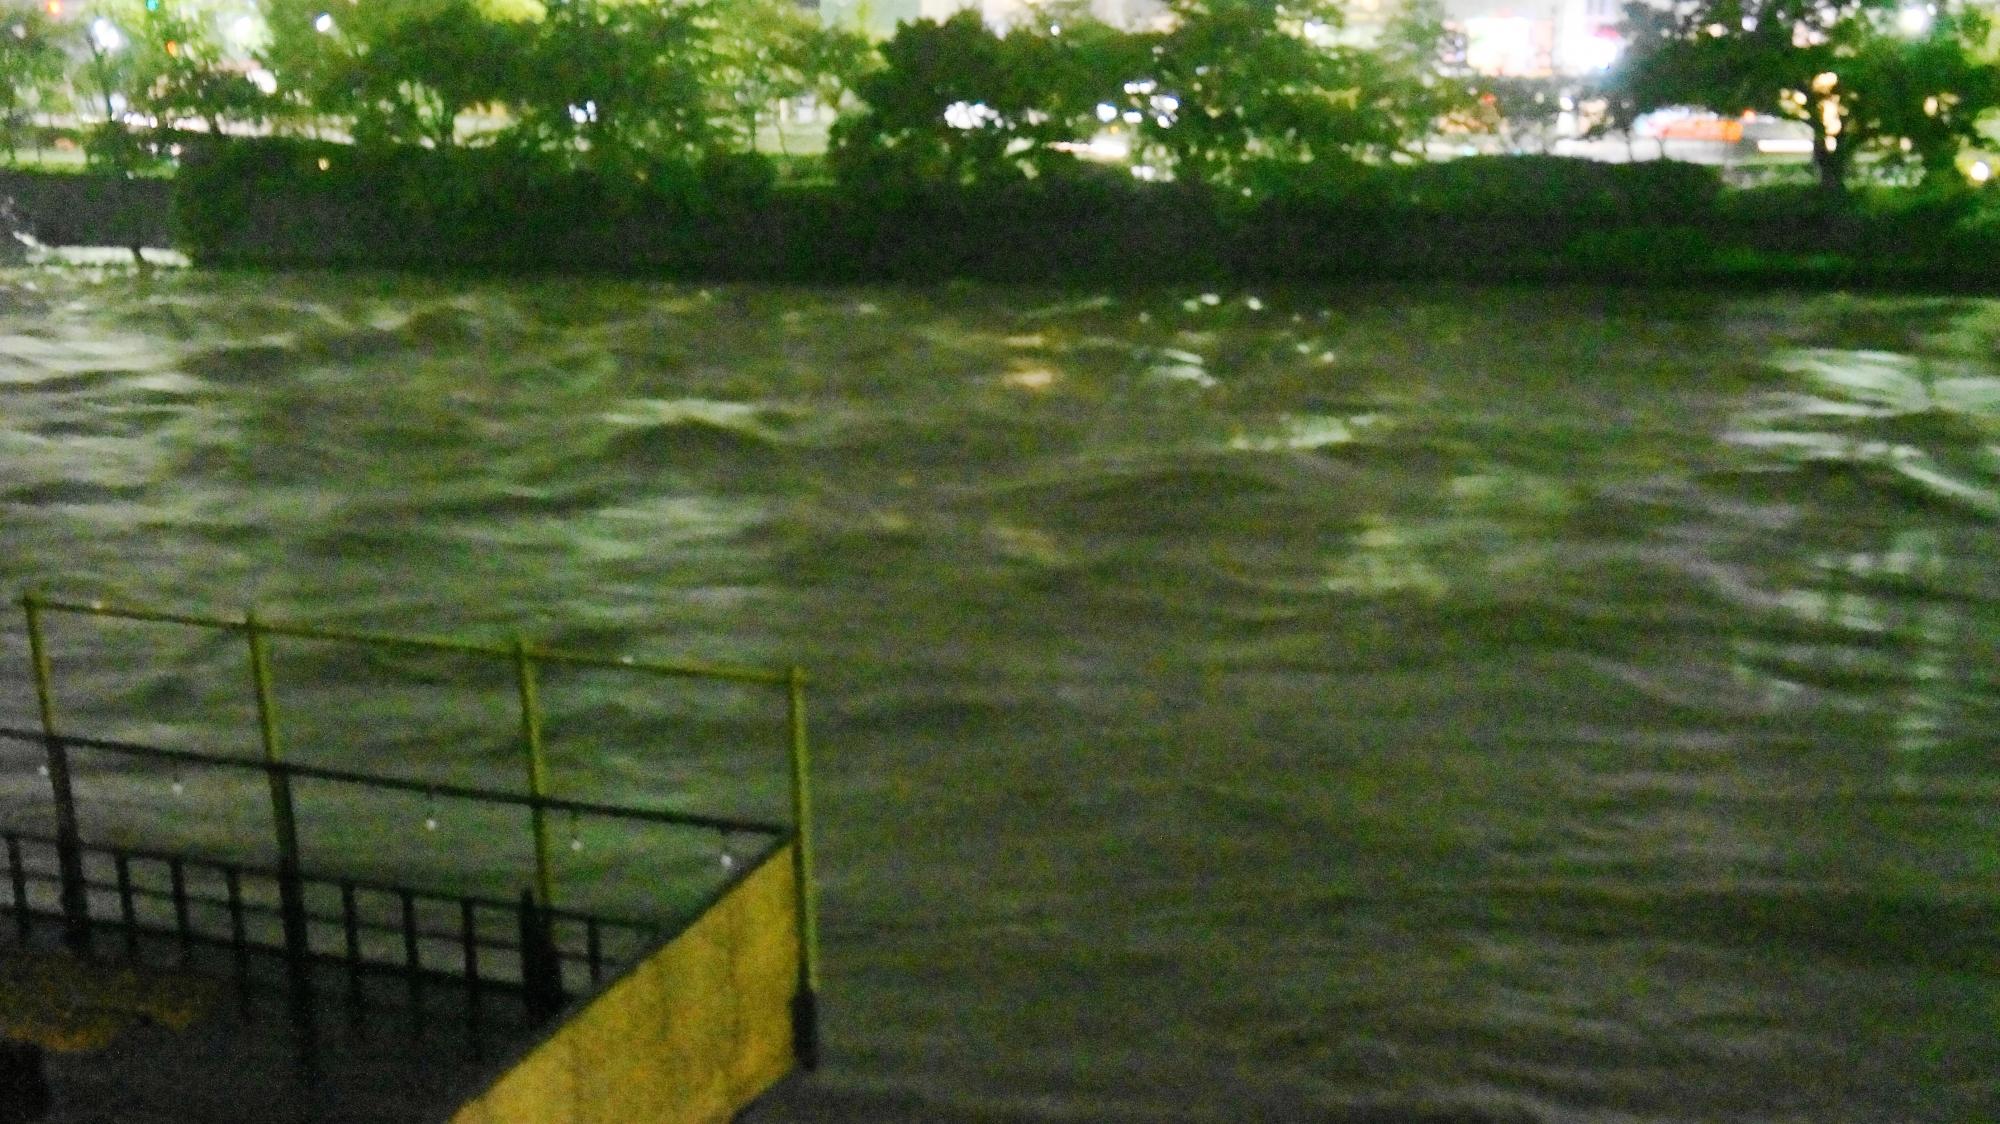 向こう岸の歩道は完全に水に浸かってしまった鴨川